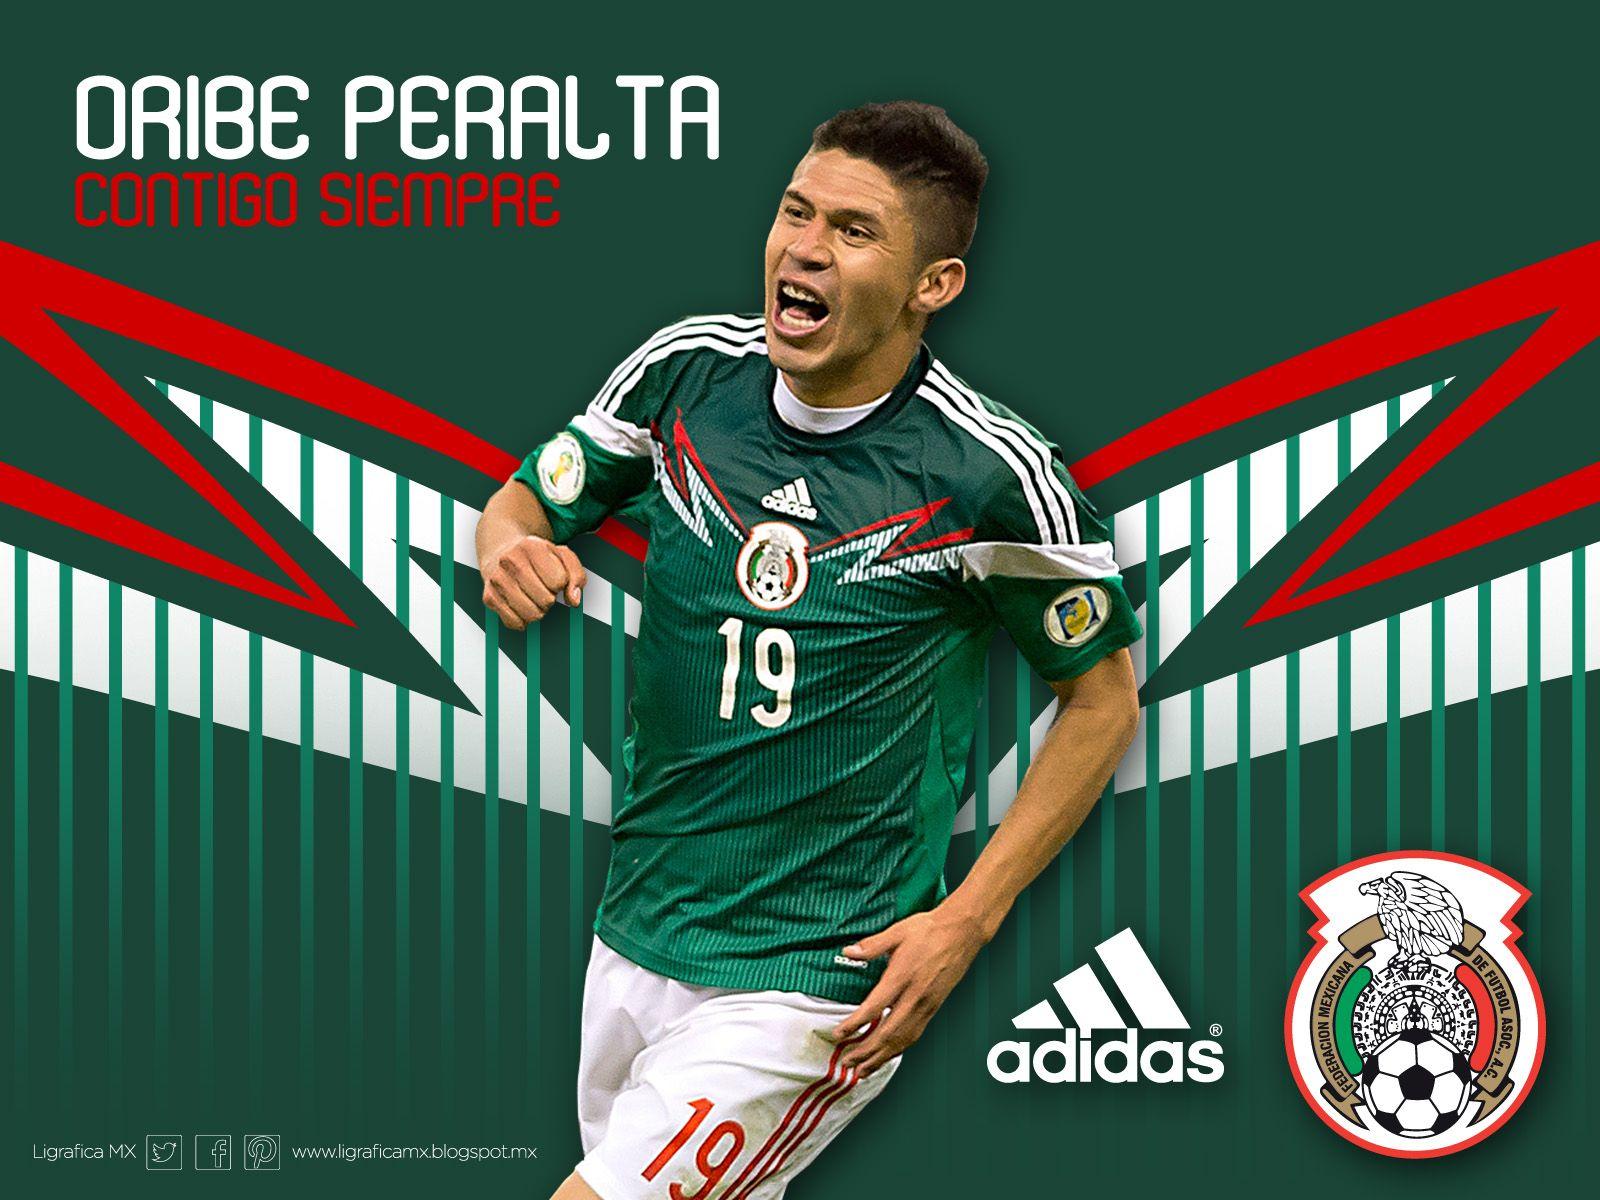 12de6470c ... 2014 FIFA World OribePeralta Selección Mexicana ¡Contigo Siempre!  Selección 2017 2018 WOMENS LIGA MX Mexico Club America Soccer Jerseys Home  Away ...